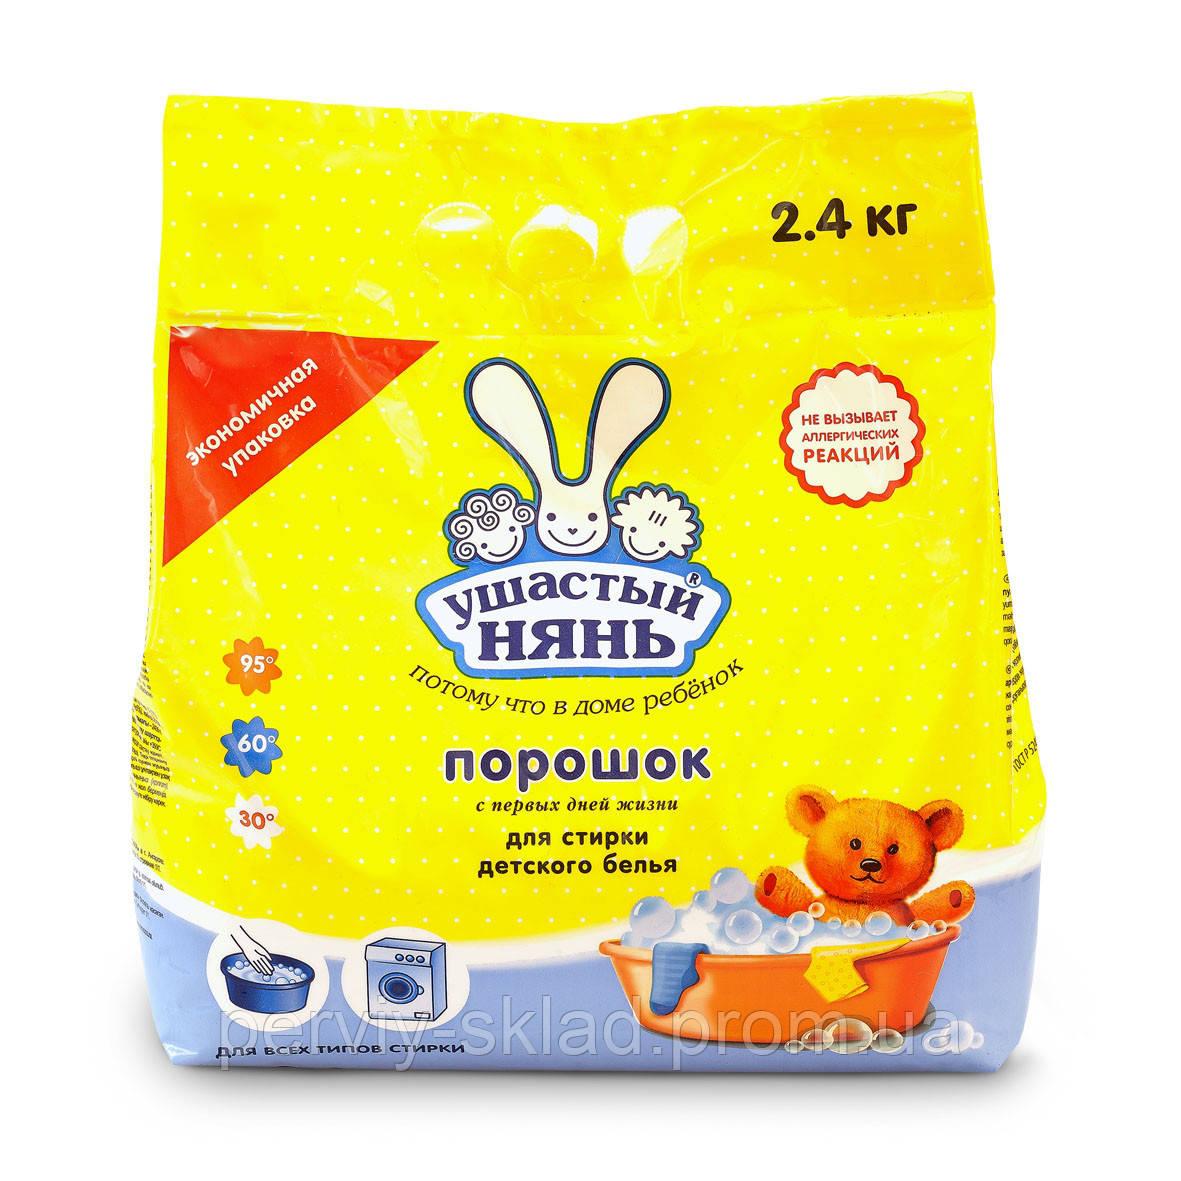 Стиральный порошок Ушастый нянь 2.4 кг